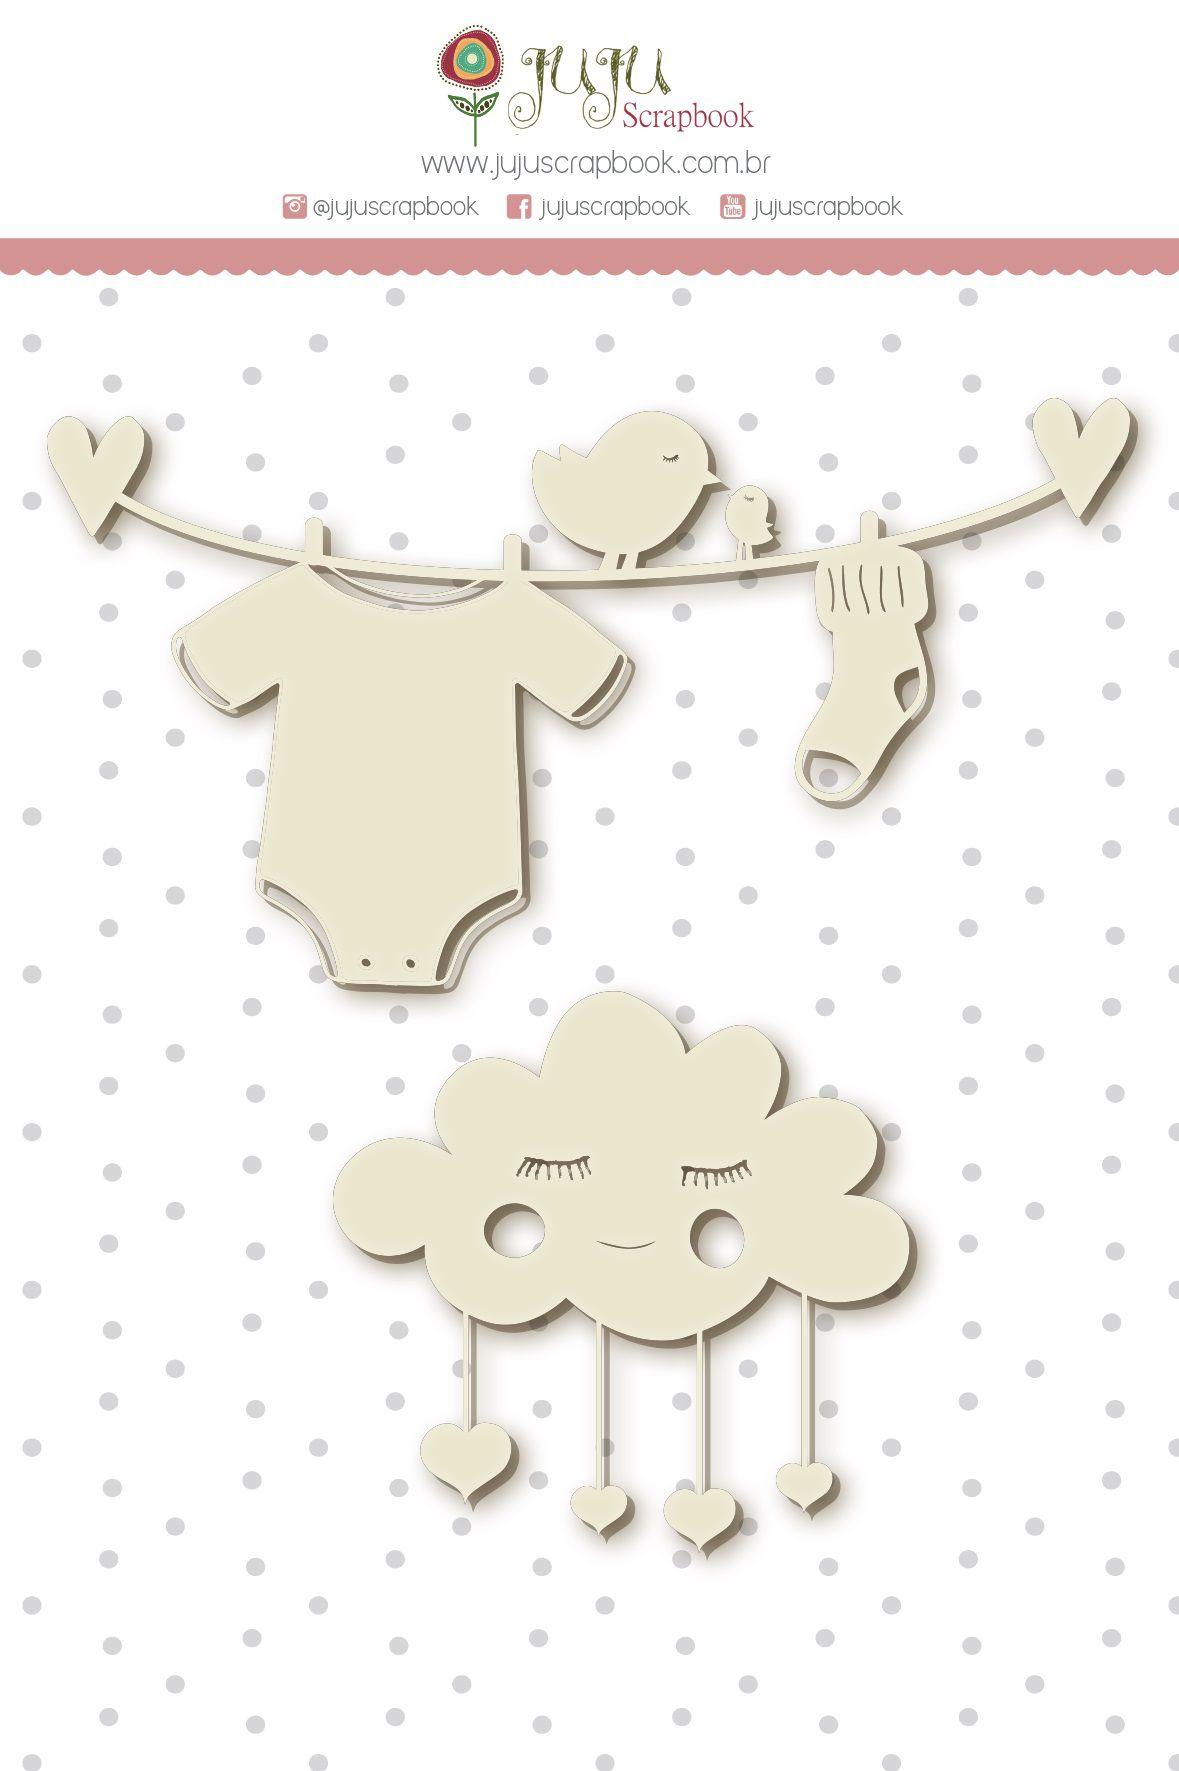 Enfeite Chipboard Branco Nuvem de Amor - Coleção Meu Coração é Seu - JuJu Scrapbook  - JuJu Scrapbook